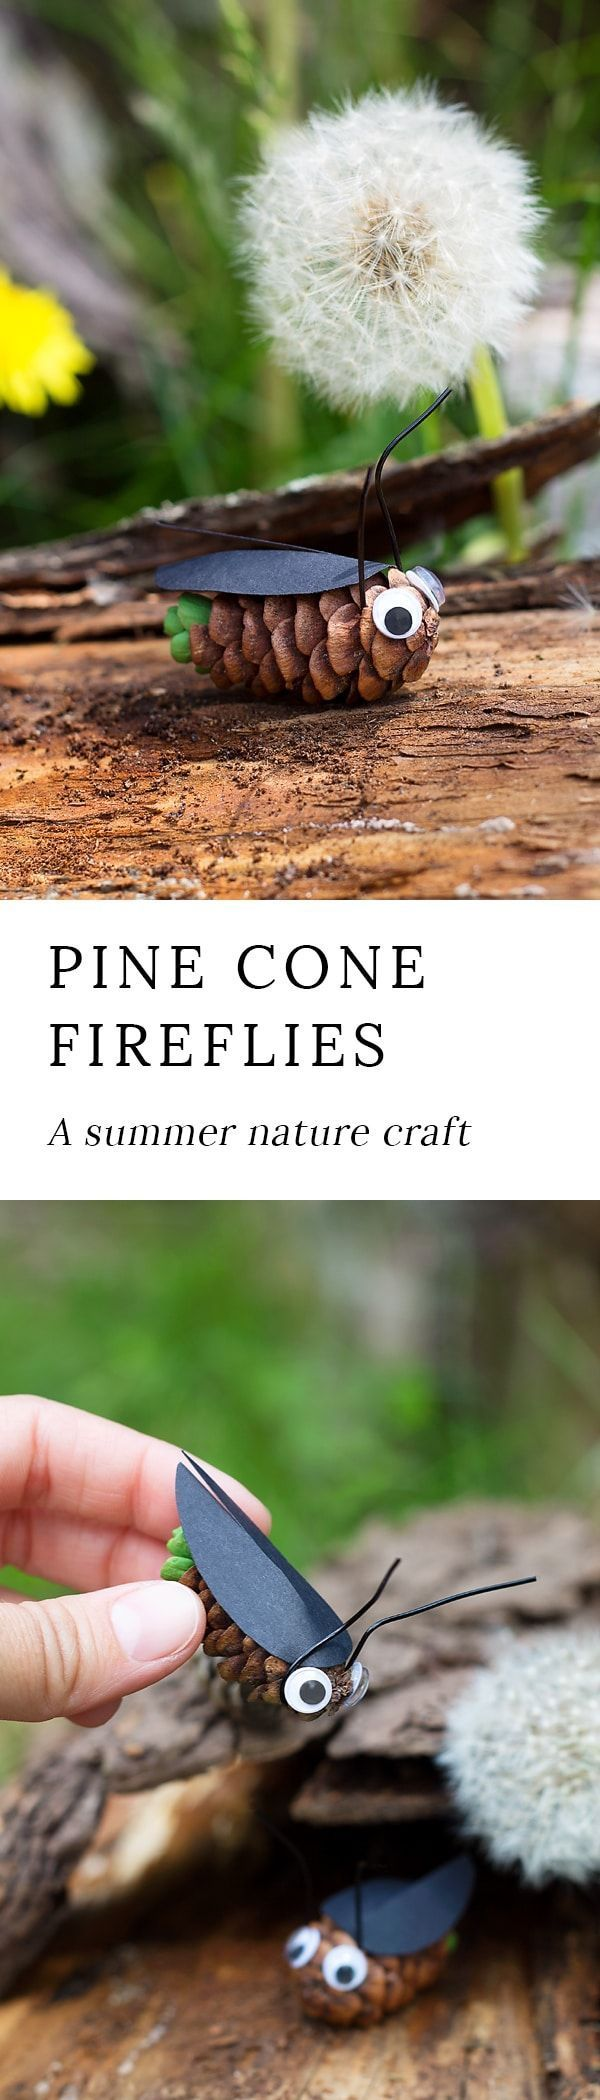 Pine Cone Fireflies: A Summer Nature Craft for Kids via @https://www.pinterest.com/fireflymudpie/